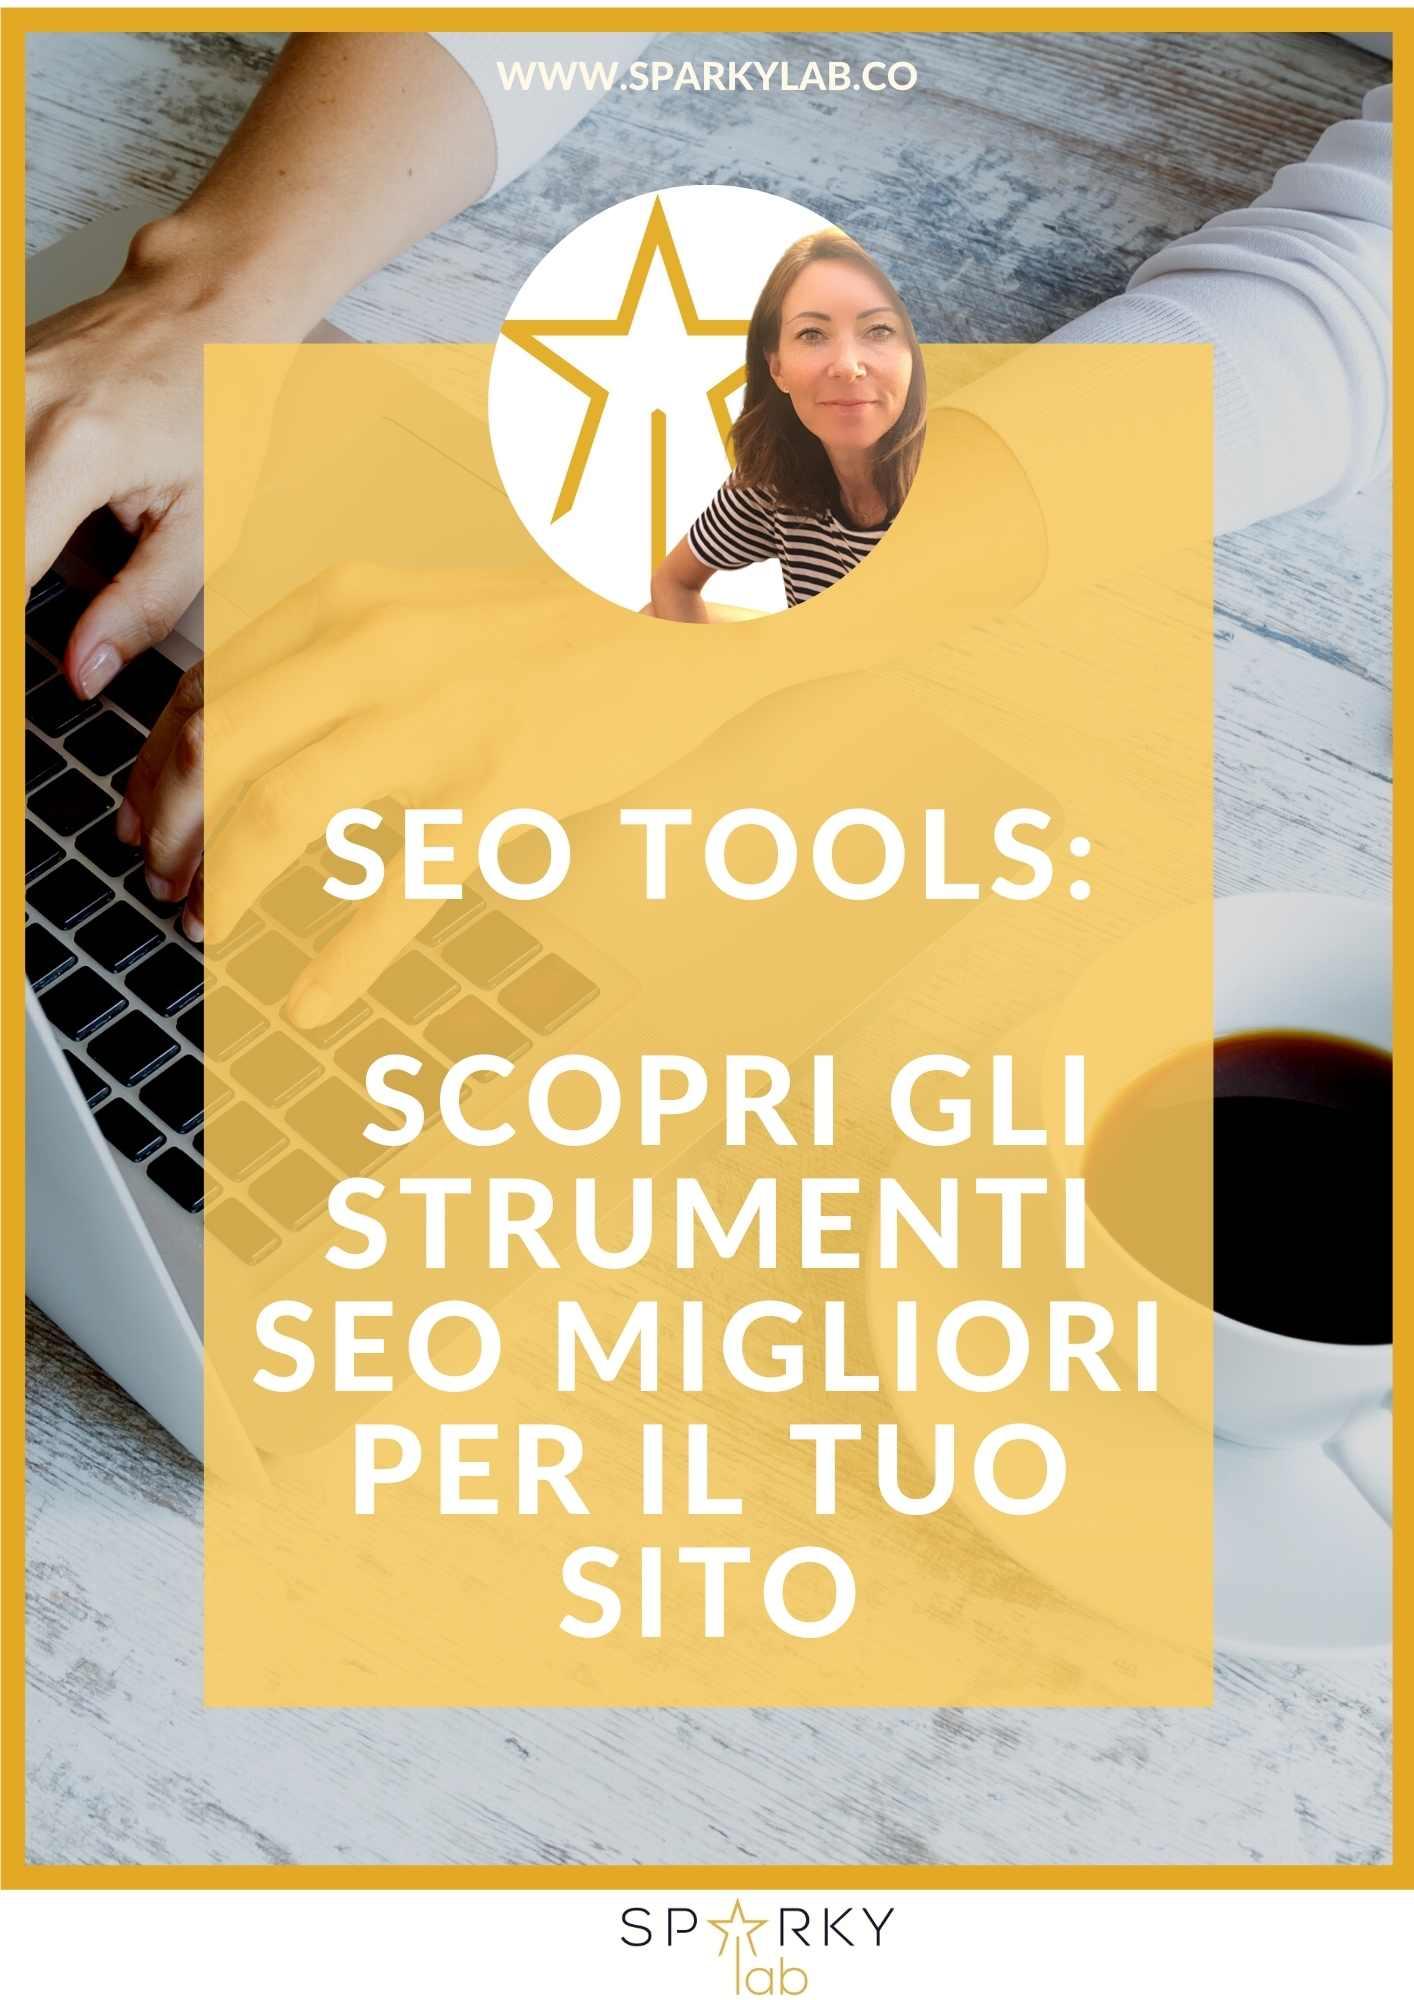 immagine con testo in evidenza: SEO Tools: Scopri gli strumenti SEO migliori per il tuo sito